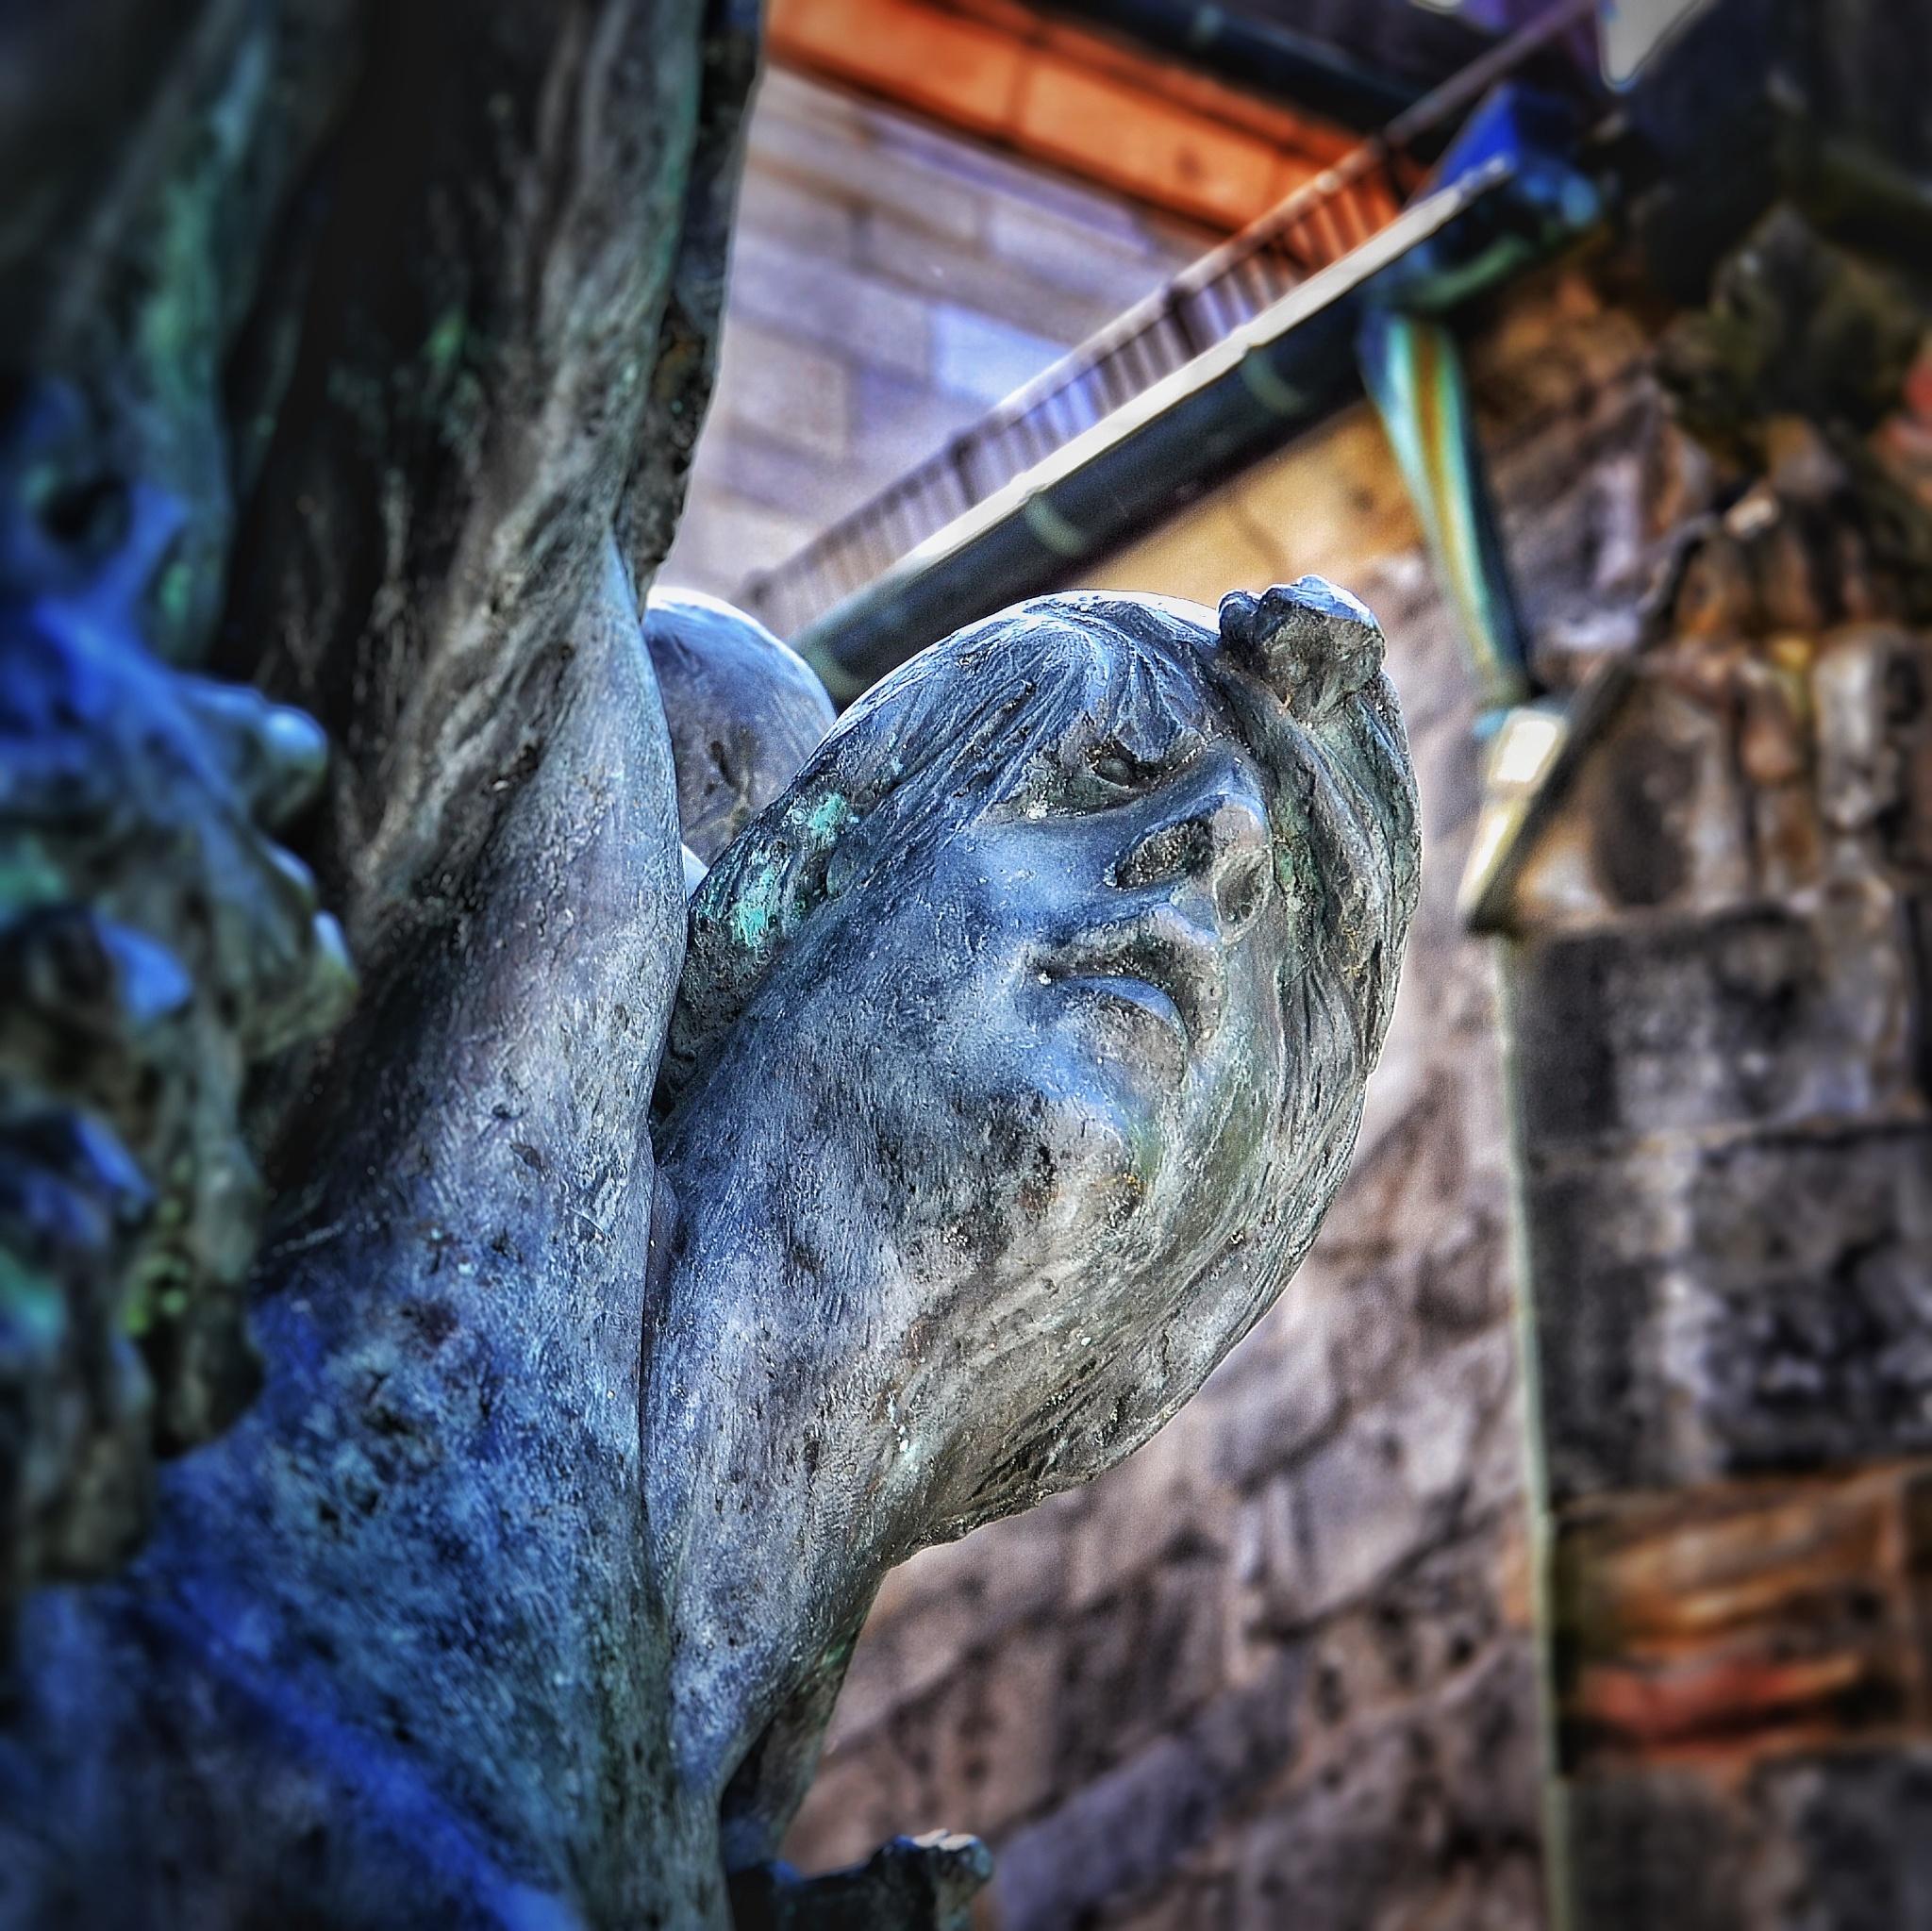 Statue in Hameln by Christian Jerhov